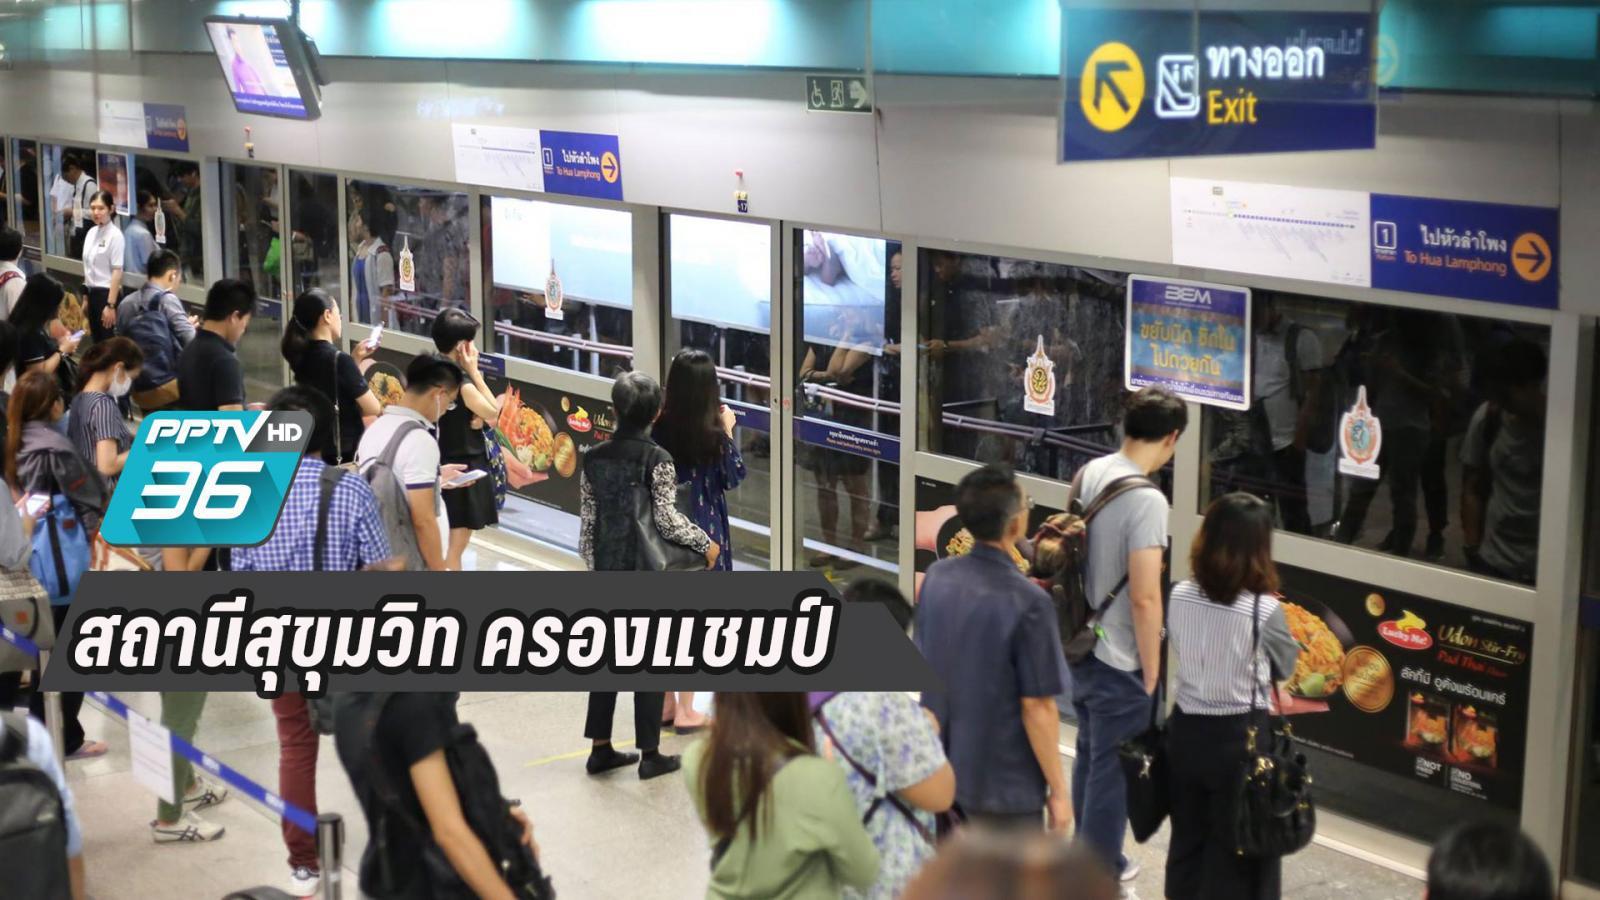 """""""สุขุมวิท"""" ครองแชมป์สถานีรถไฟฟ้า MRT ผู้ใช้บริการมากที่สุด"""